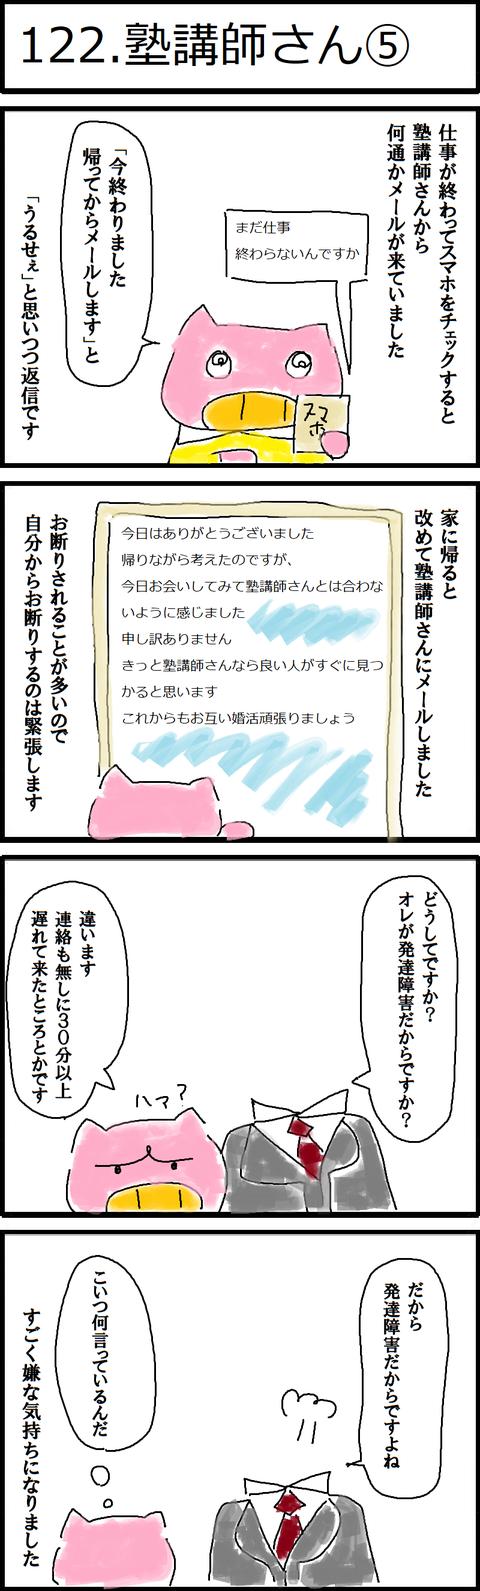 122.塾講師さん⑤